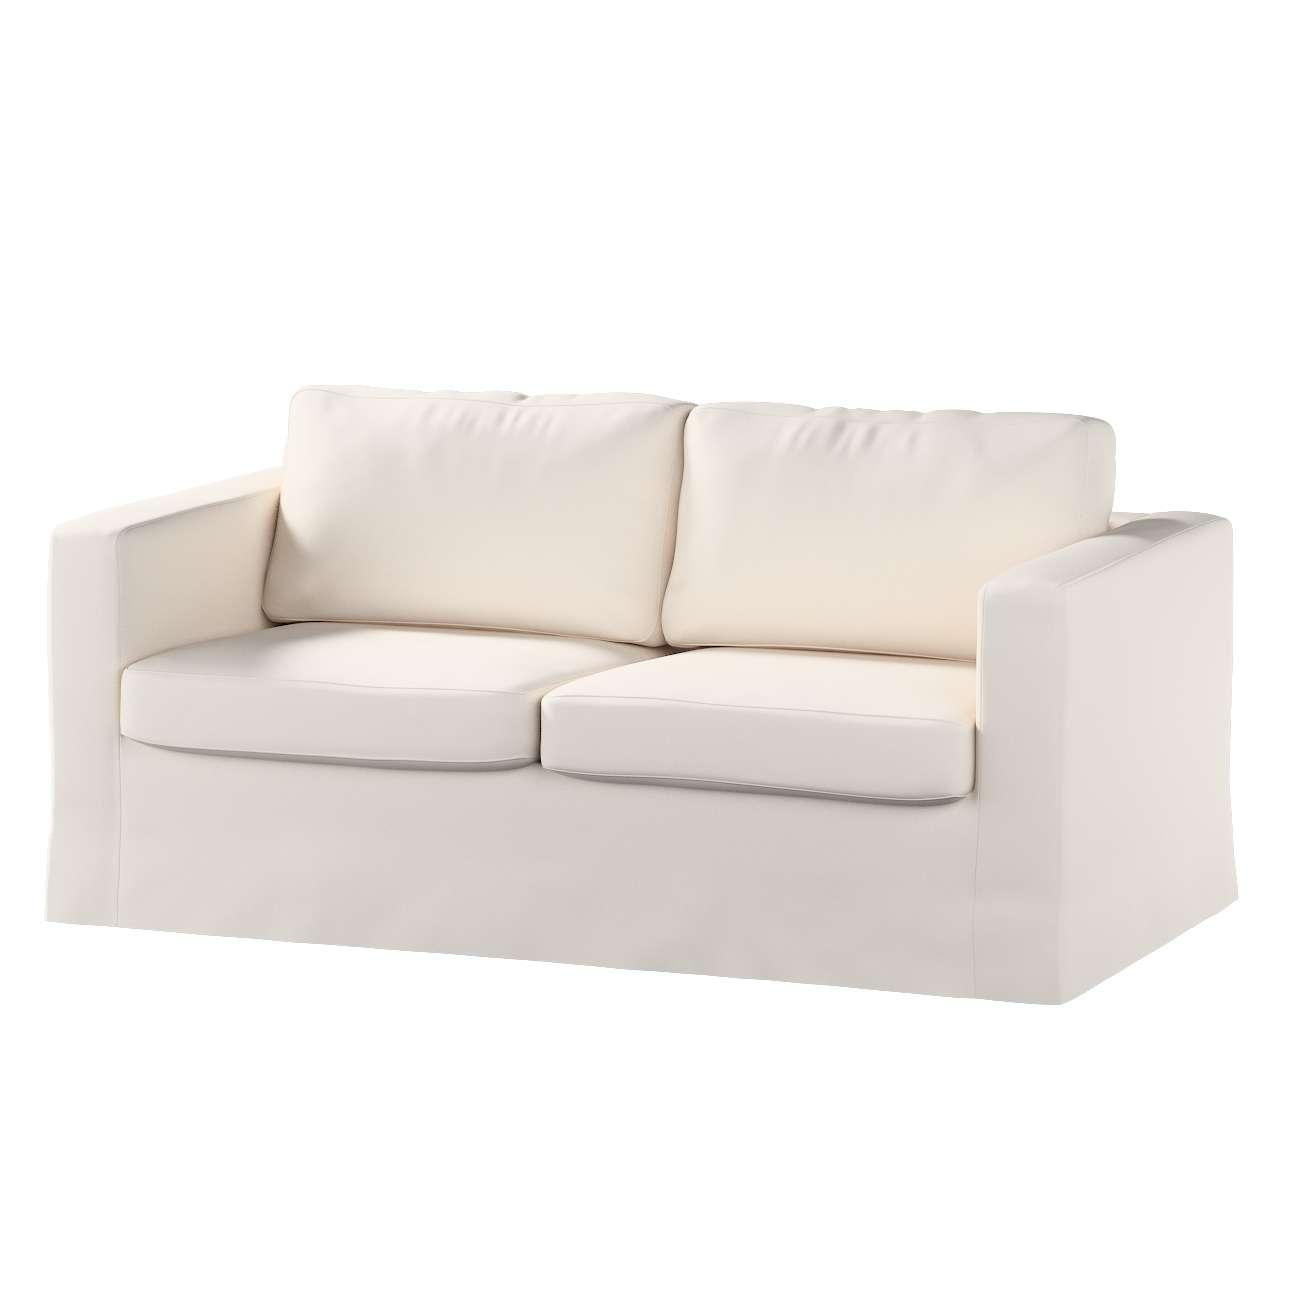 Pokrowiec na sofę Karlstad 2-osobową nierozkładaną długi w kolekcji Etna , tkanina: 705-01